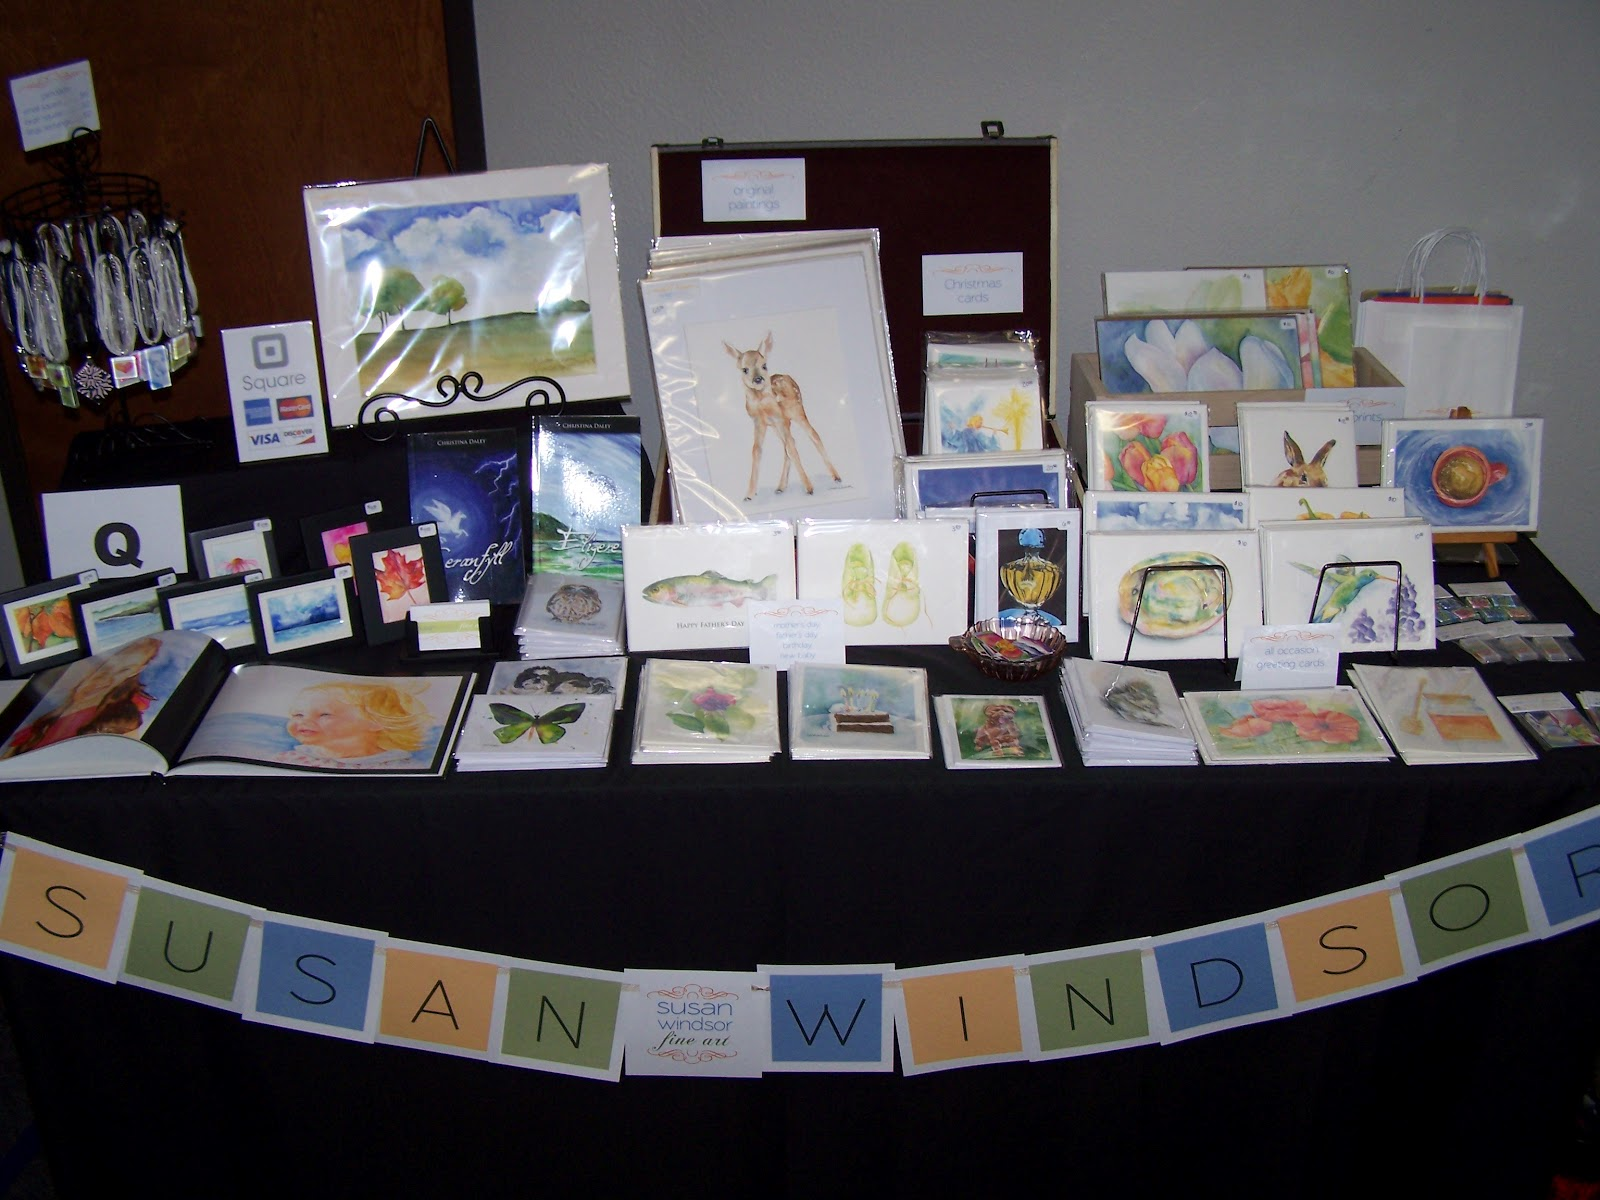 susan windsor fine art craft fairs